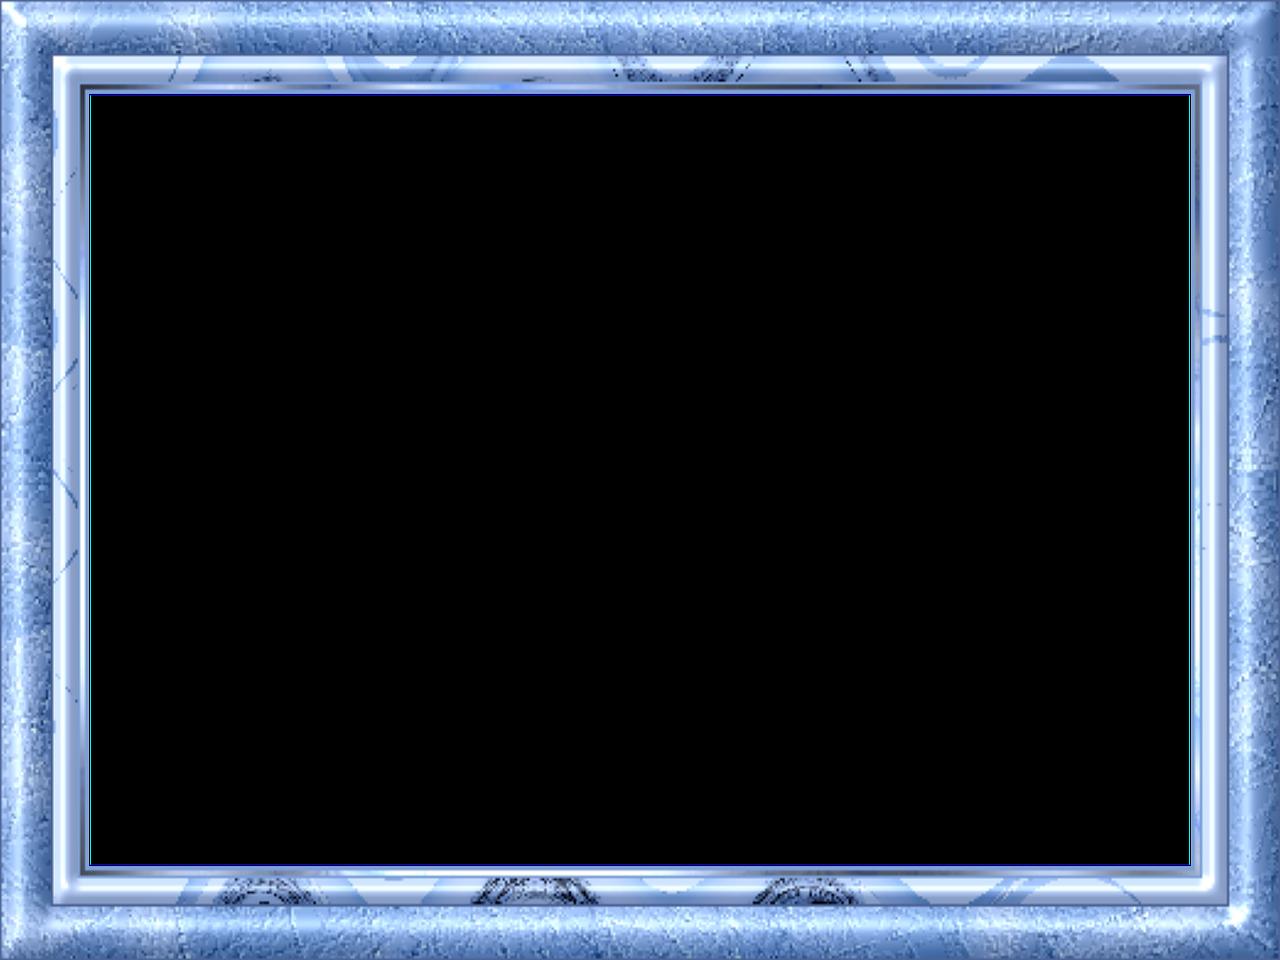 своенравен, синяя рамка для фото чем особенность огурцов